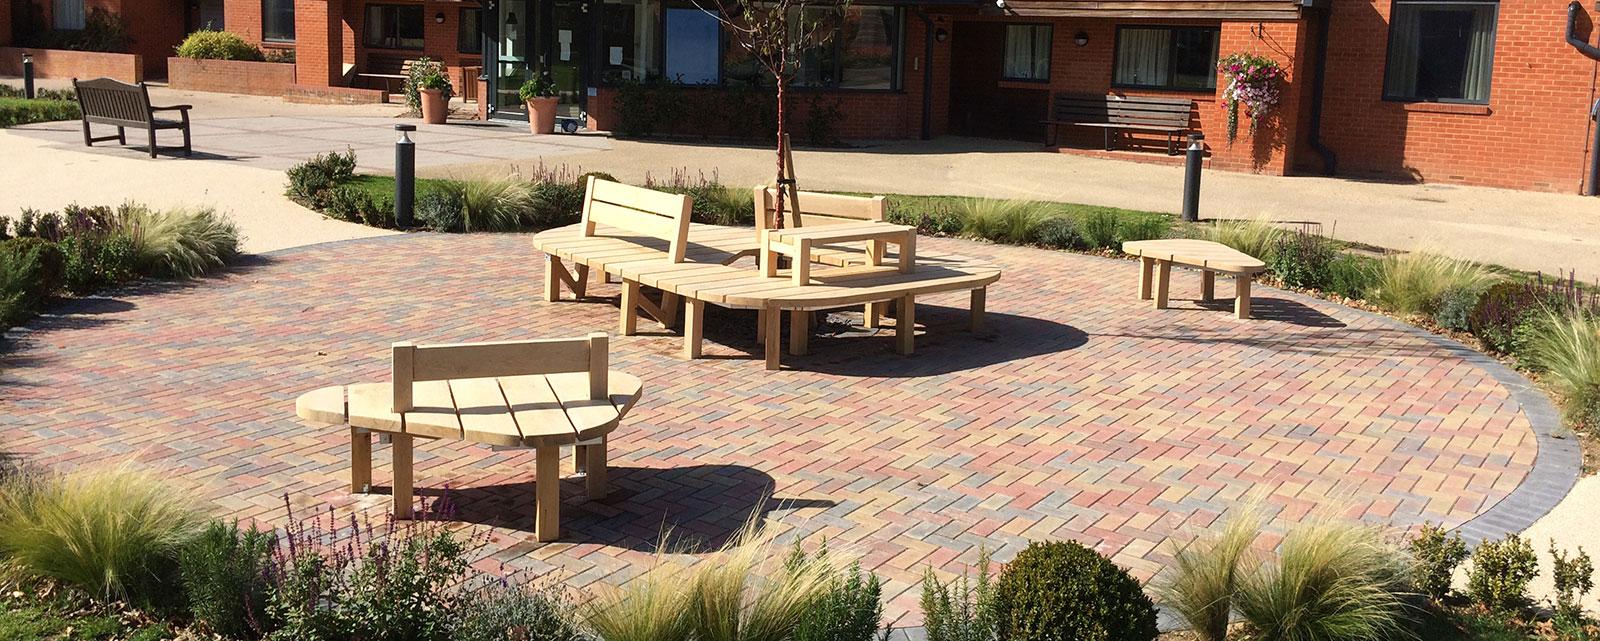 oak-raft-benches2-oxfordoak